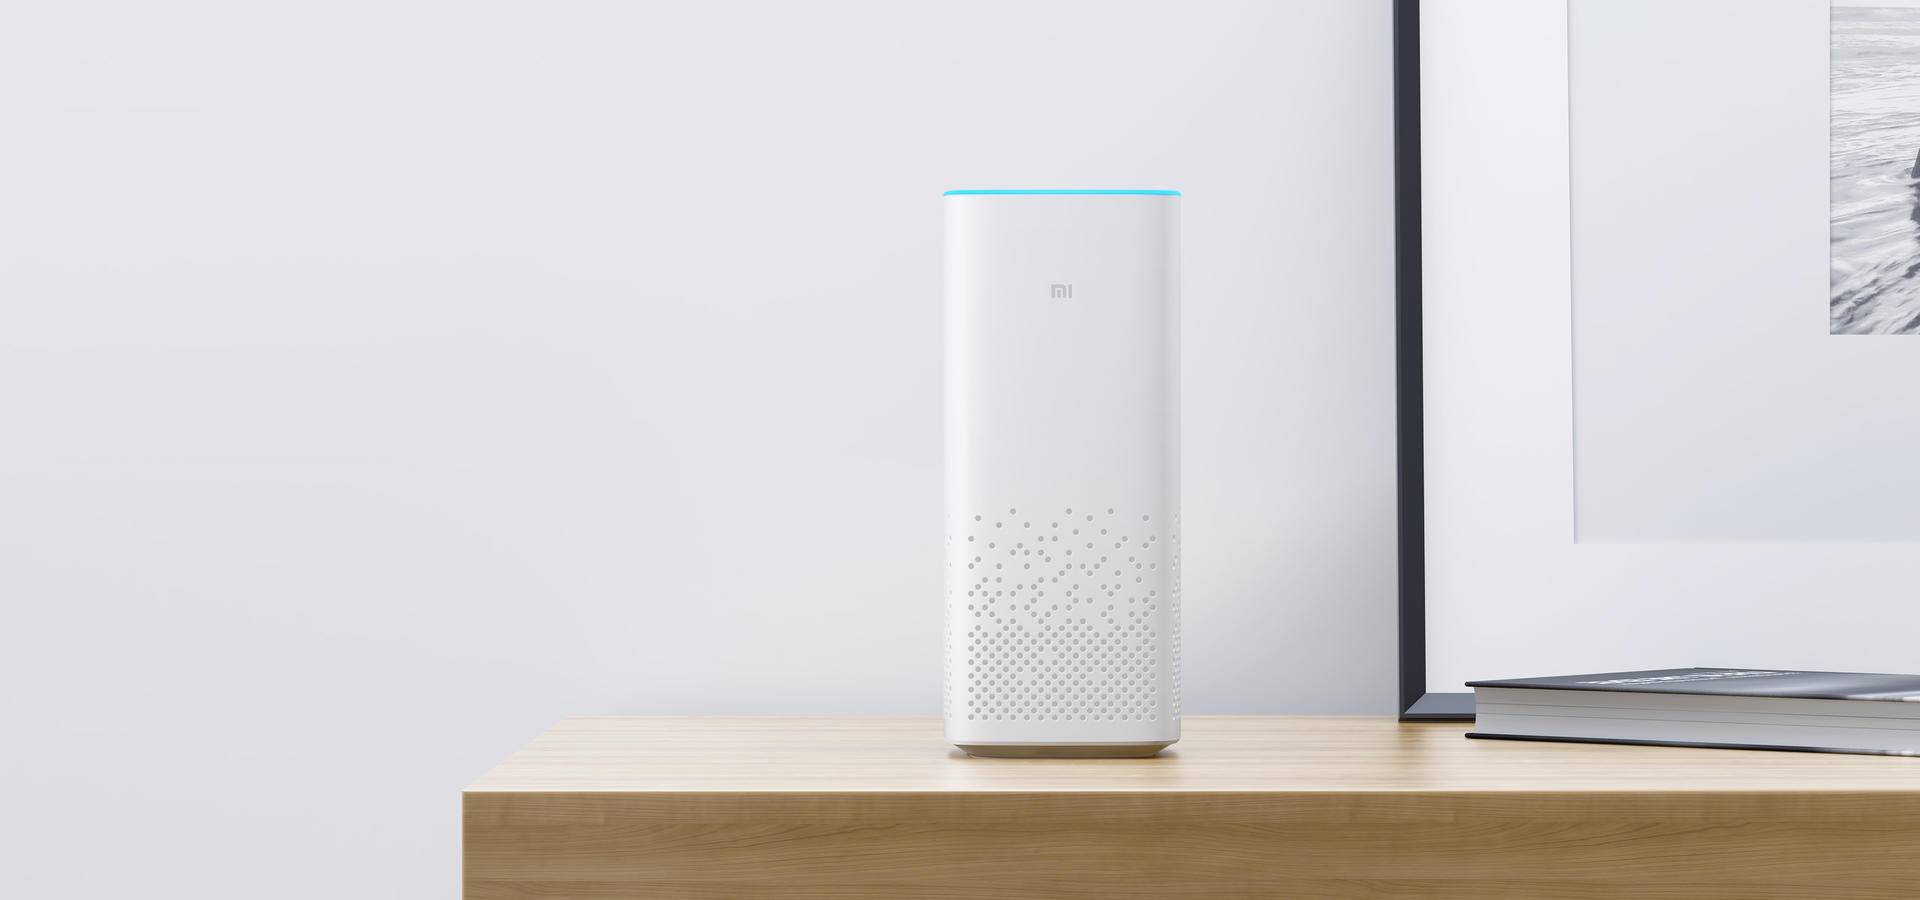 小爱AI音响:听音乐、语音遥控家电的人工智能音箱